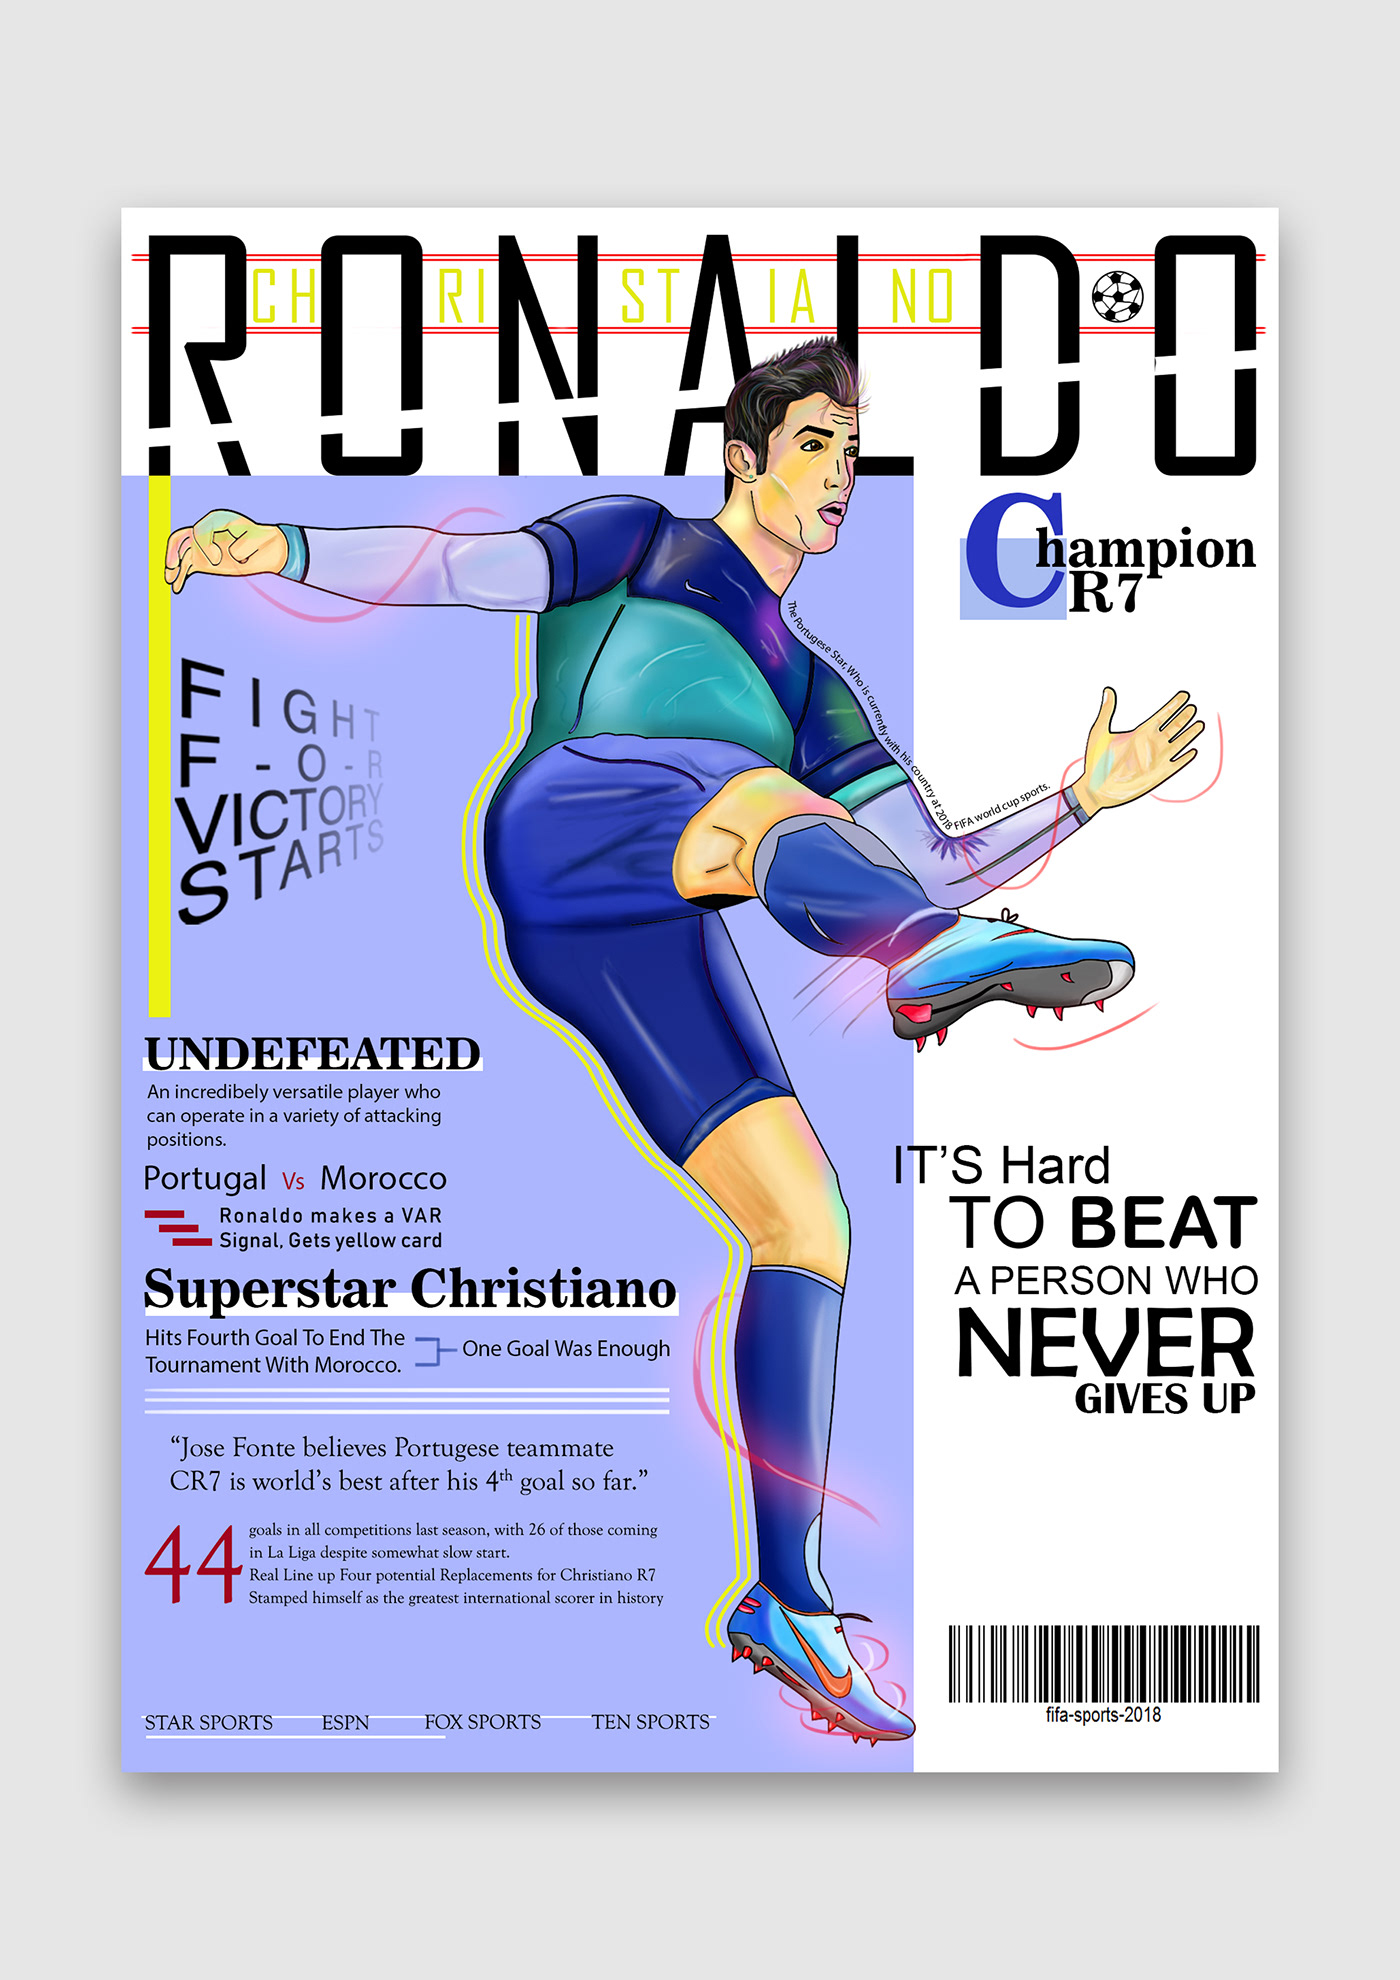 Cristiano ronaldo magazine cover